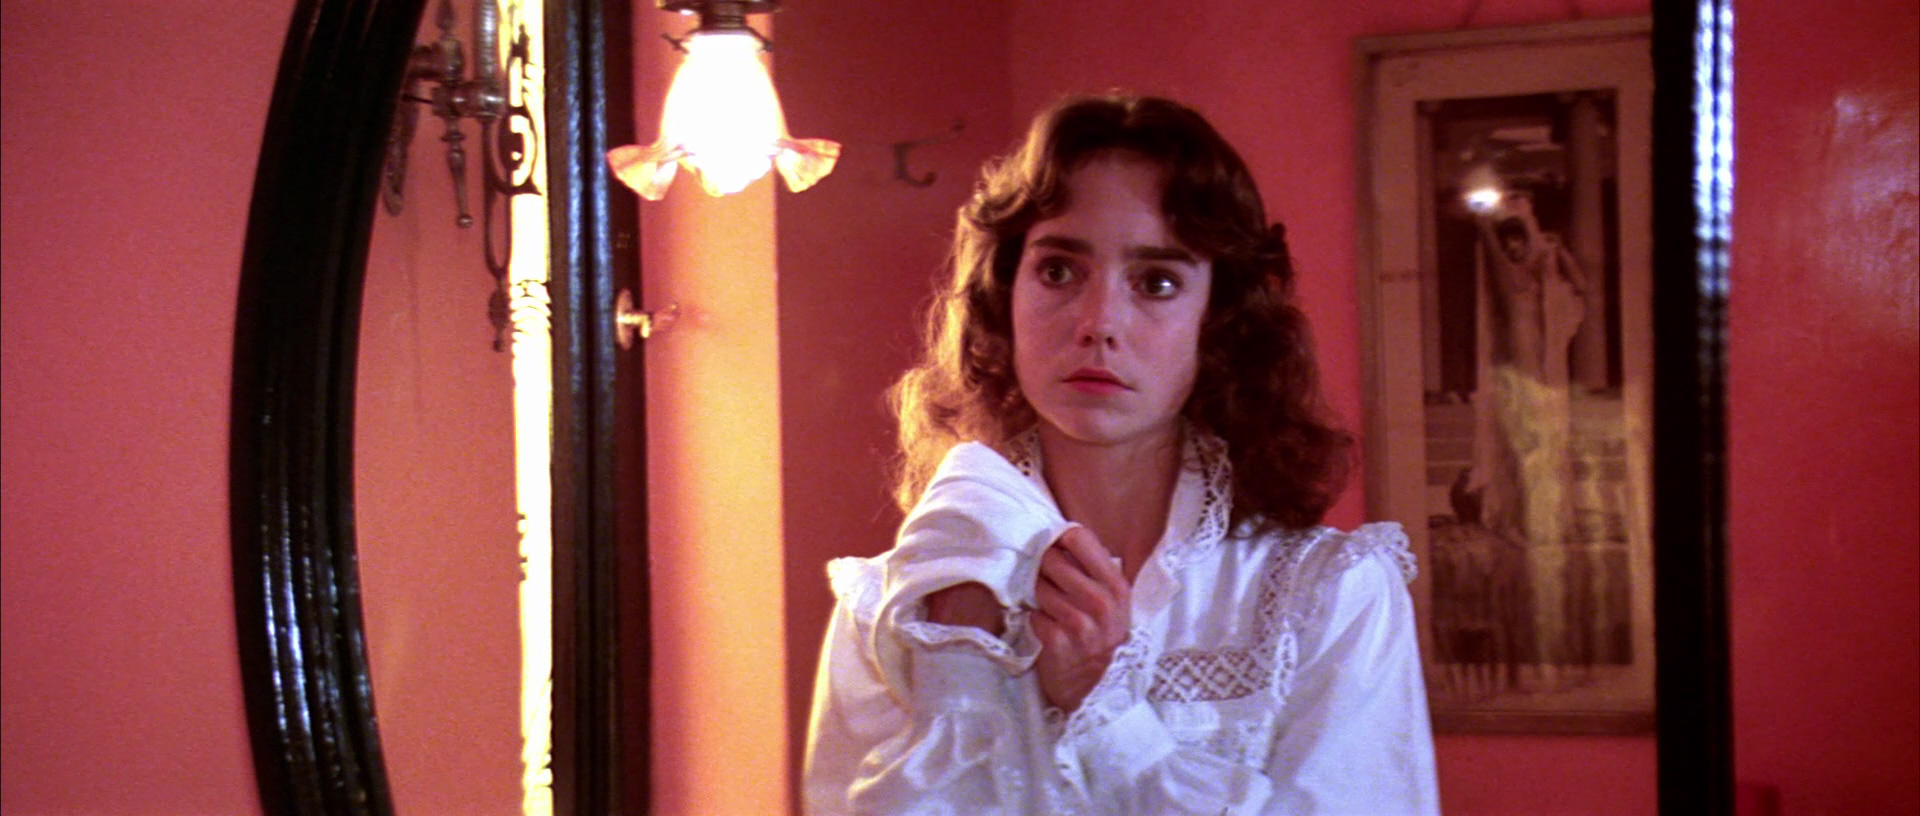 ผลการค้นหารูปภาพสำหรับ suspiria film 1977 scene jessica harper